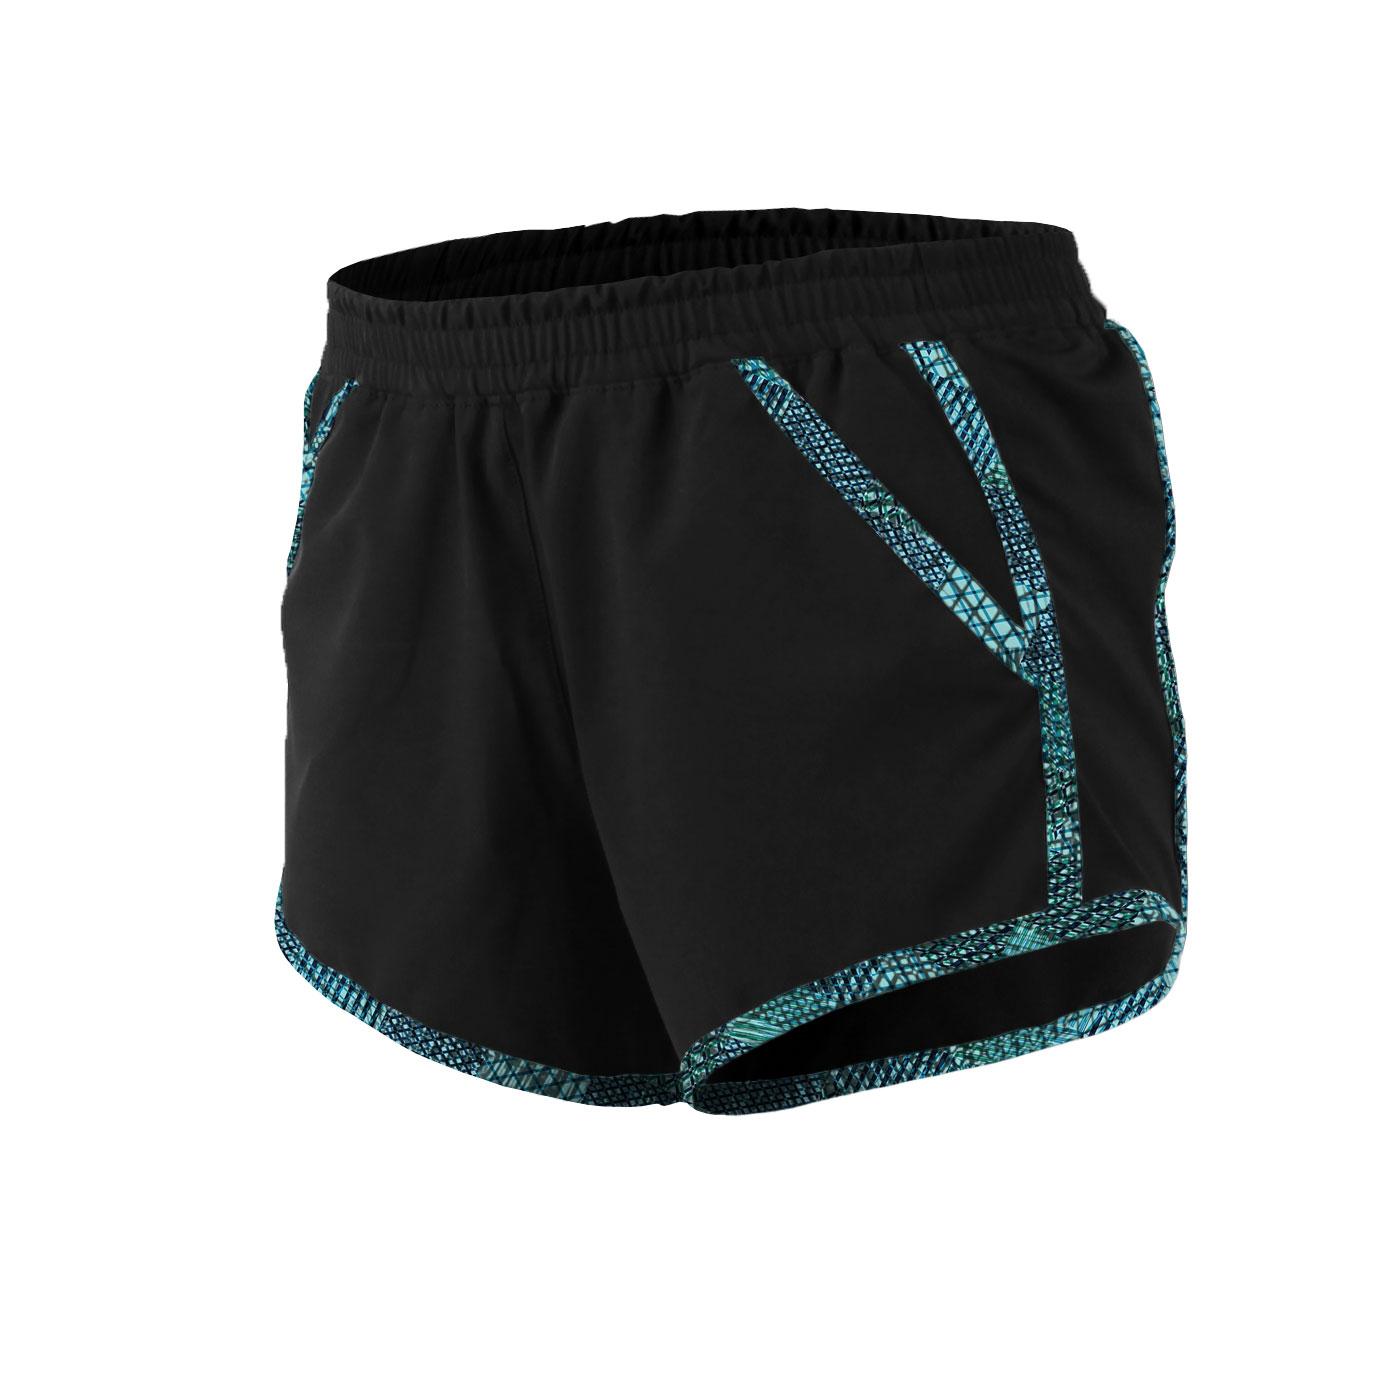 HODARLA 女款MINI H 慢跑短褲 3125702 - 黑藍綠